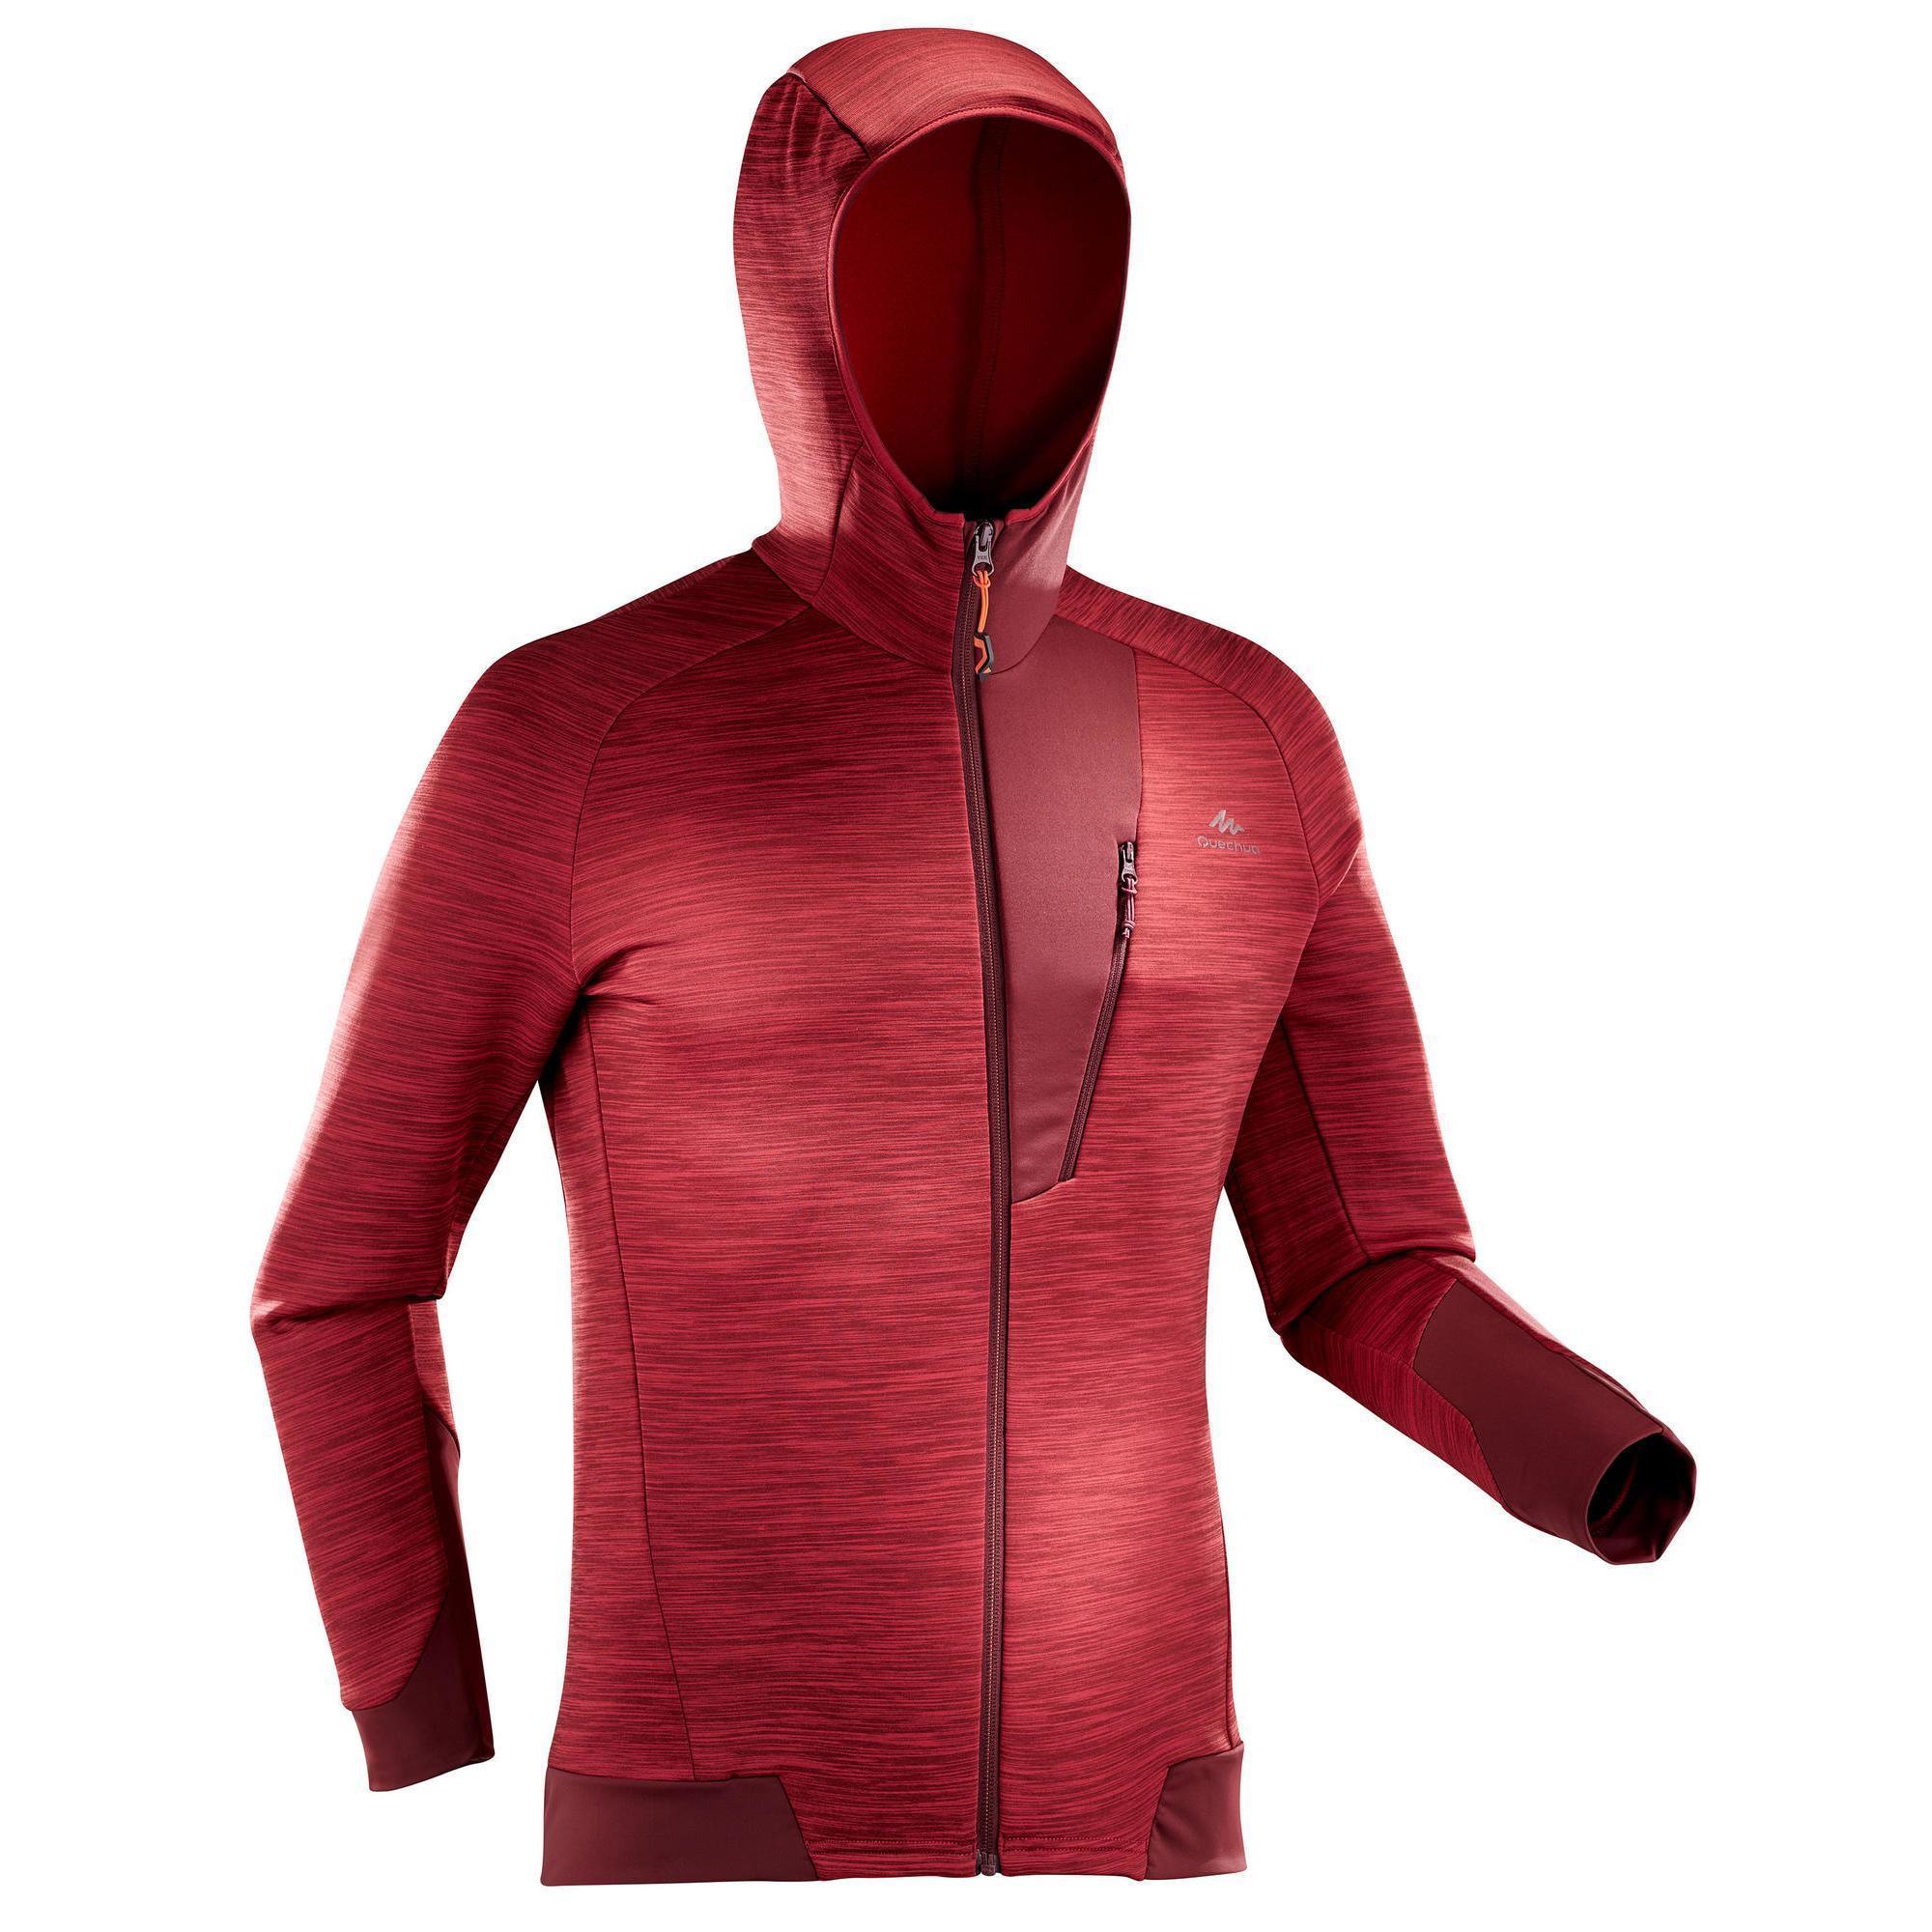 4b057ef34eb veste polaire de randonnee montagne homme mh900 bordeaux quechua 8504619 1501011.jpg